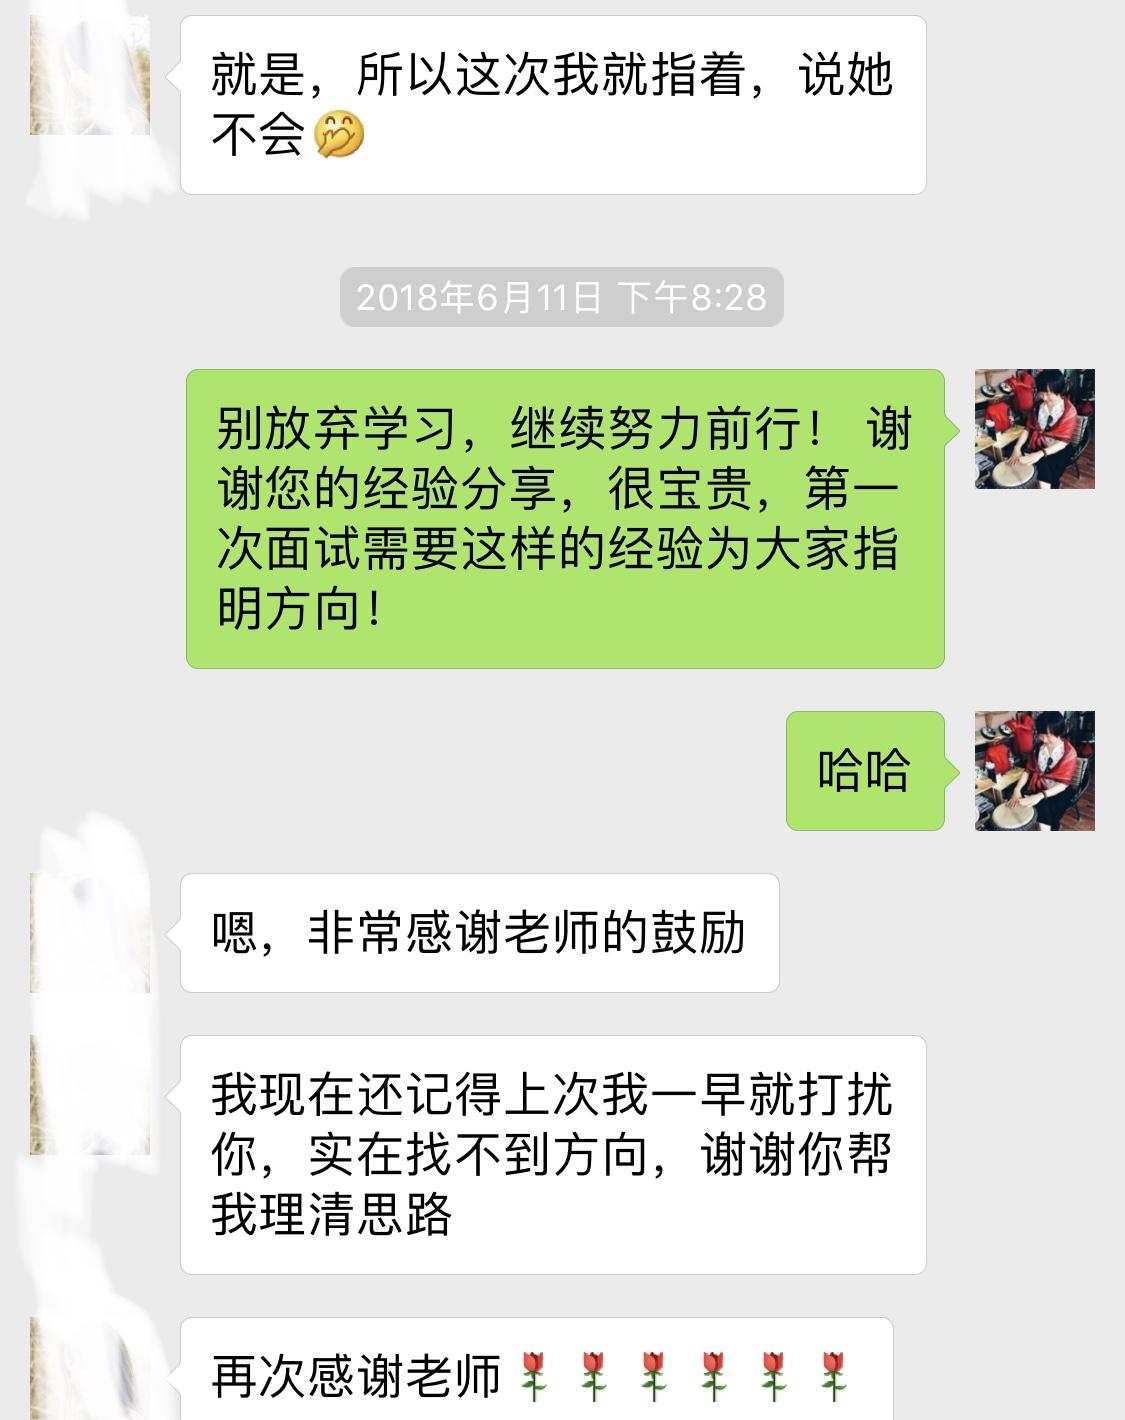 2019年下半年福建省中小学教师资格面试公告